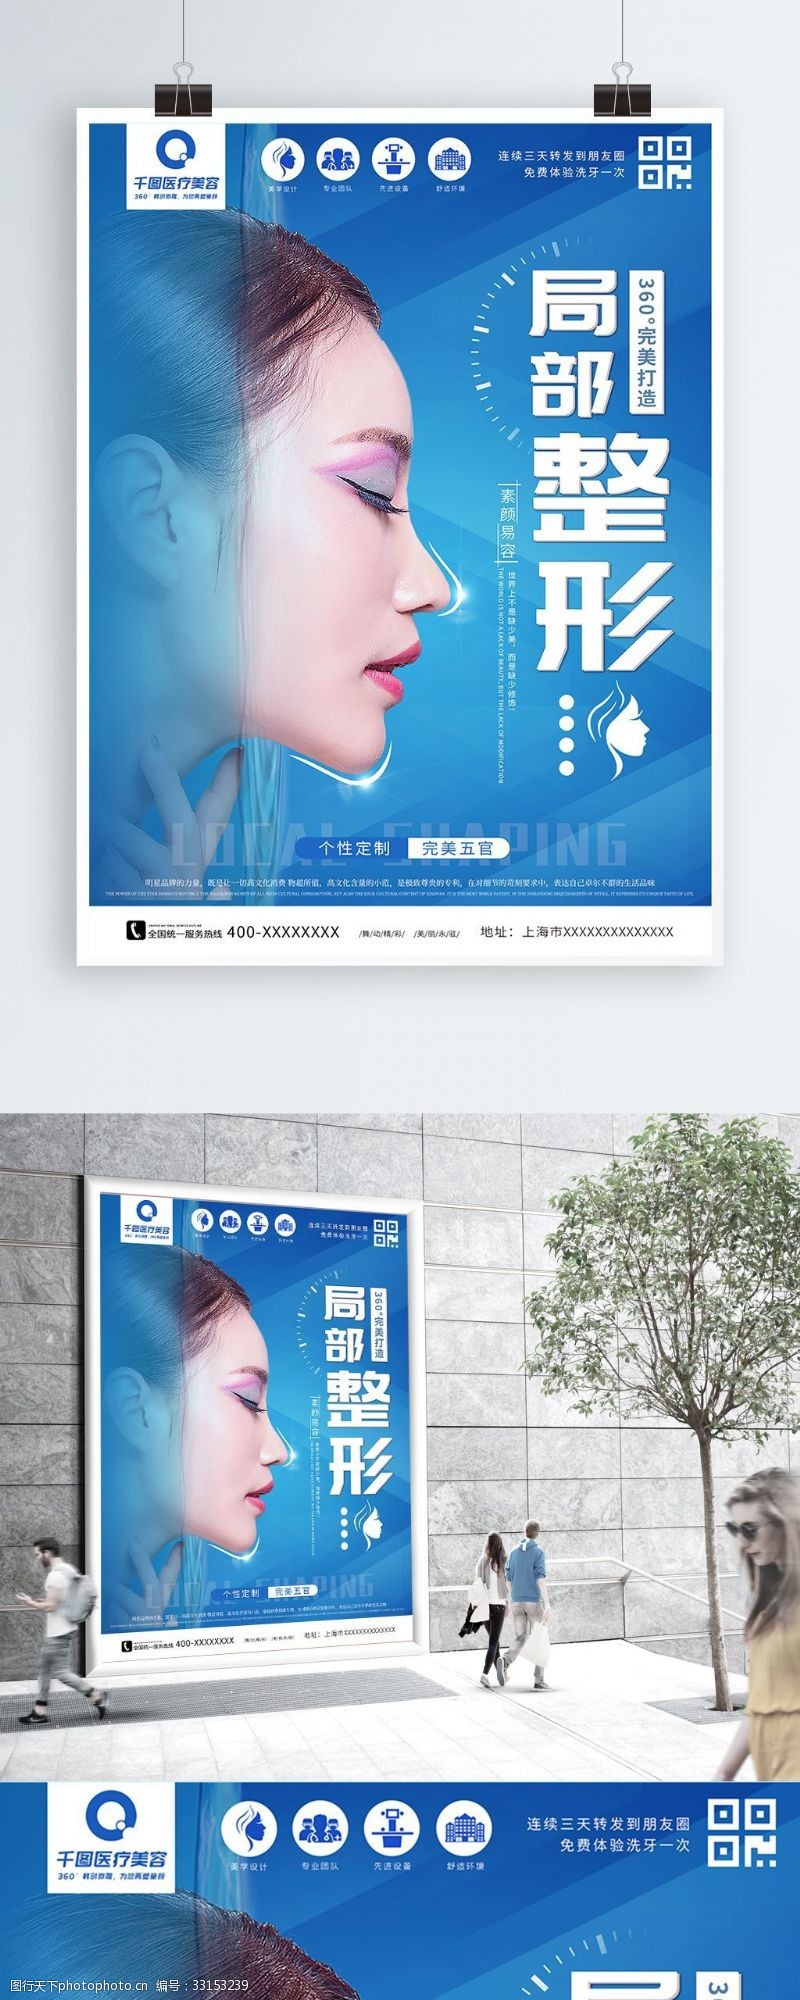 整容医院美容院整形整容宣传海报